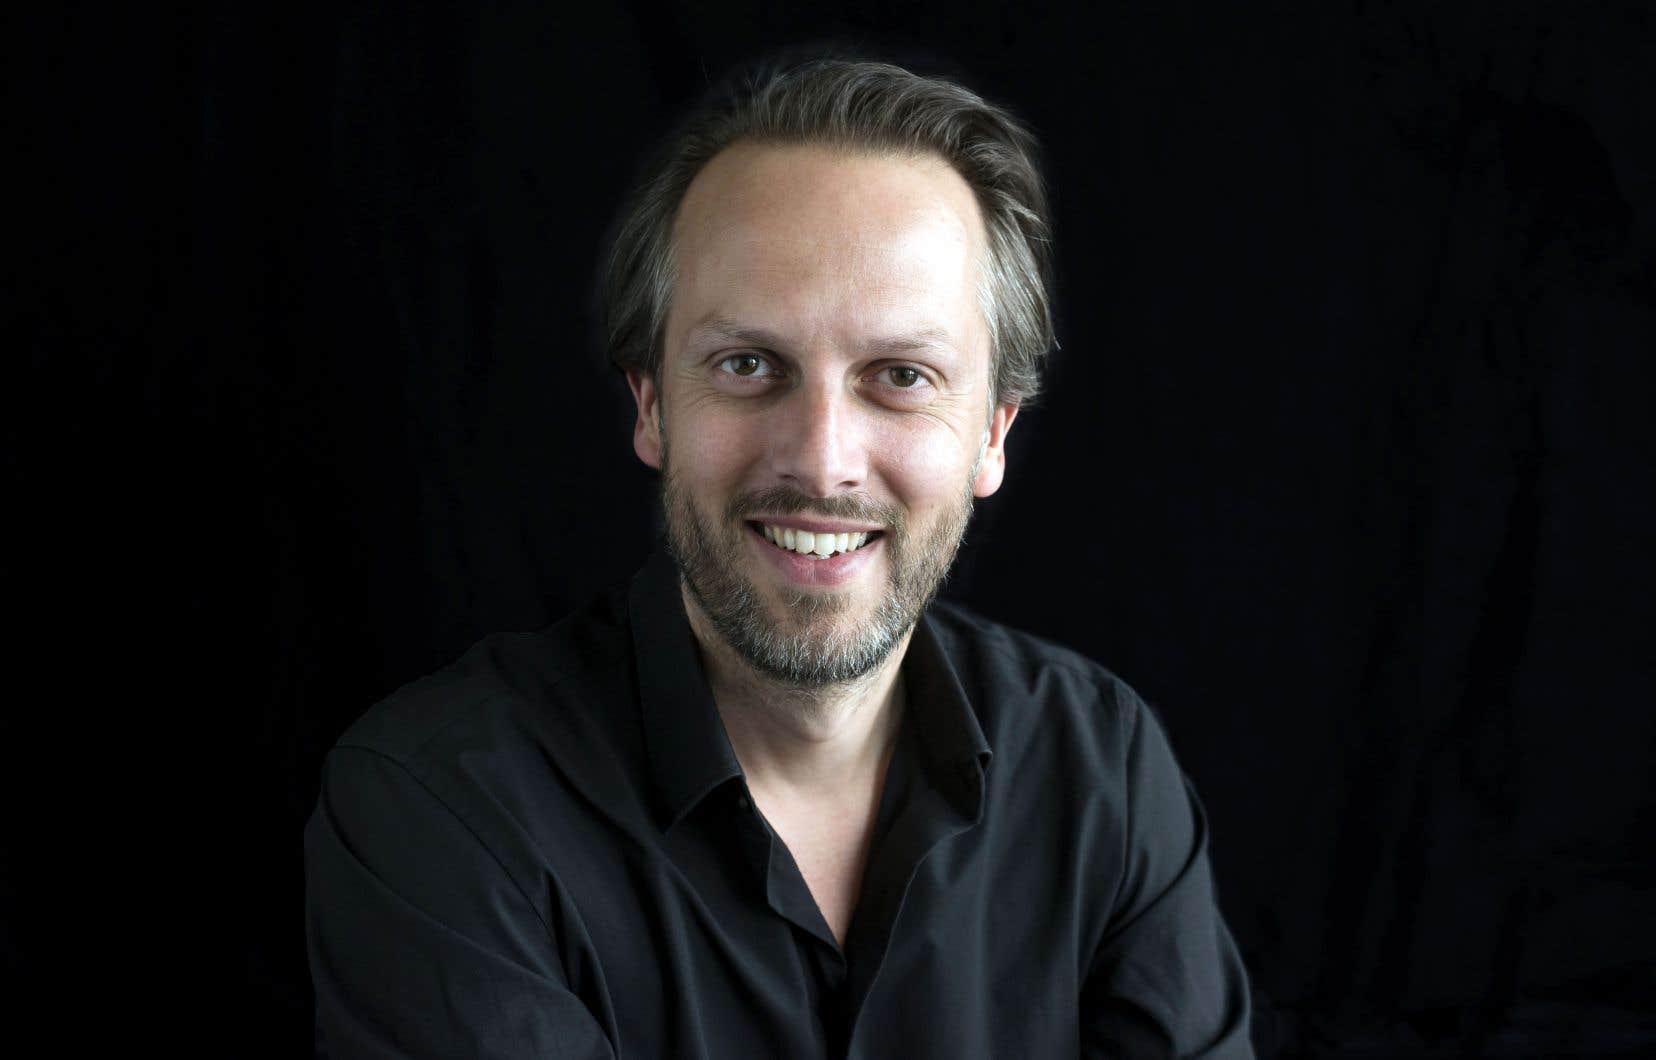 Le professeur Laurent de Sutter enseigne la théorie du droit à la Vrije Universiteit Brussel. Ses livres sont traduits dans une dizaine de langues.